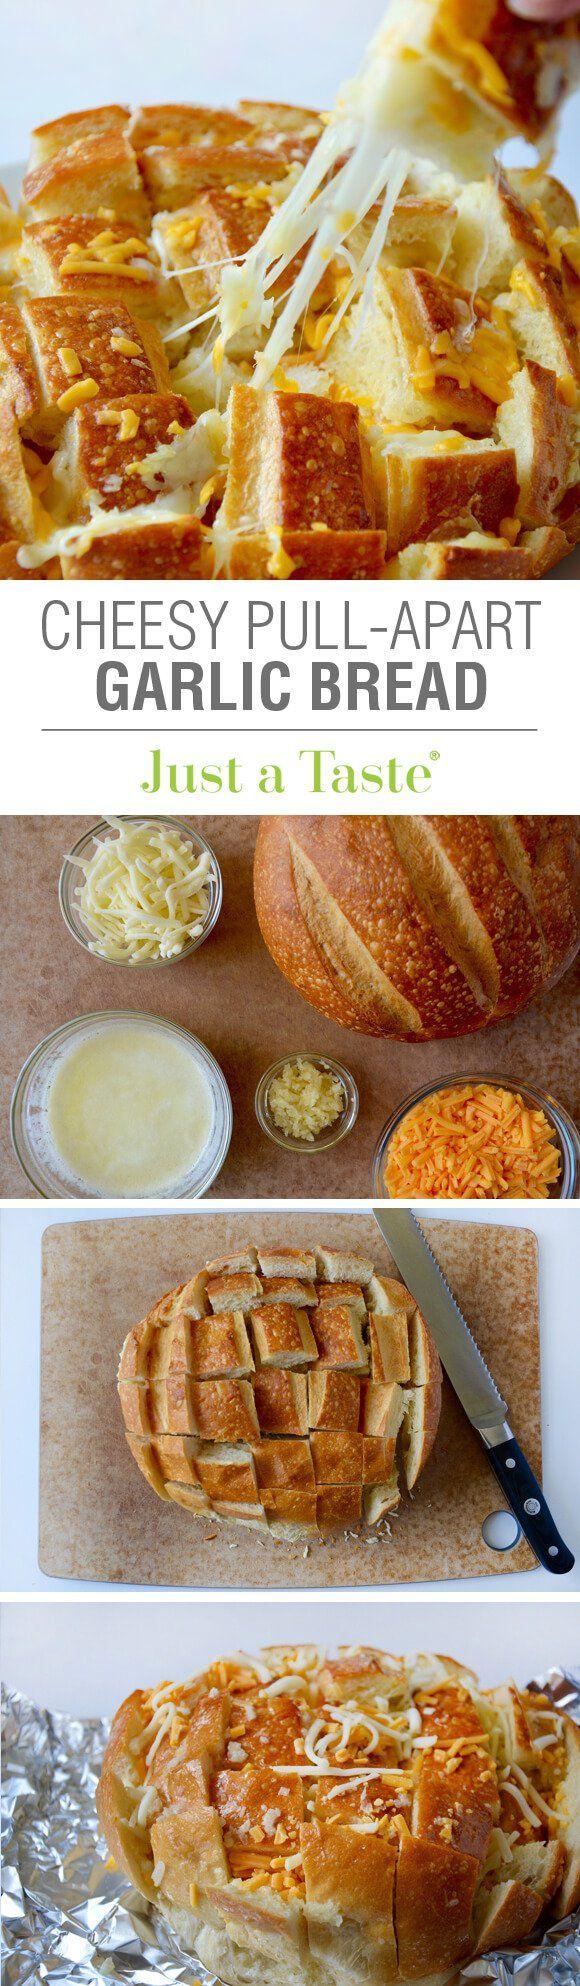 Cheesy garlic pull apart bread by just a taste